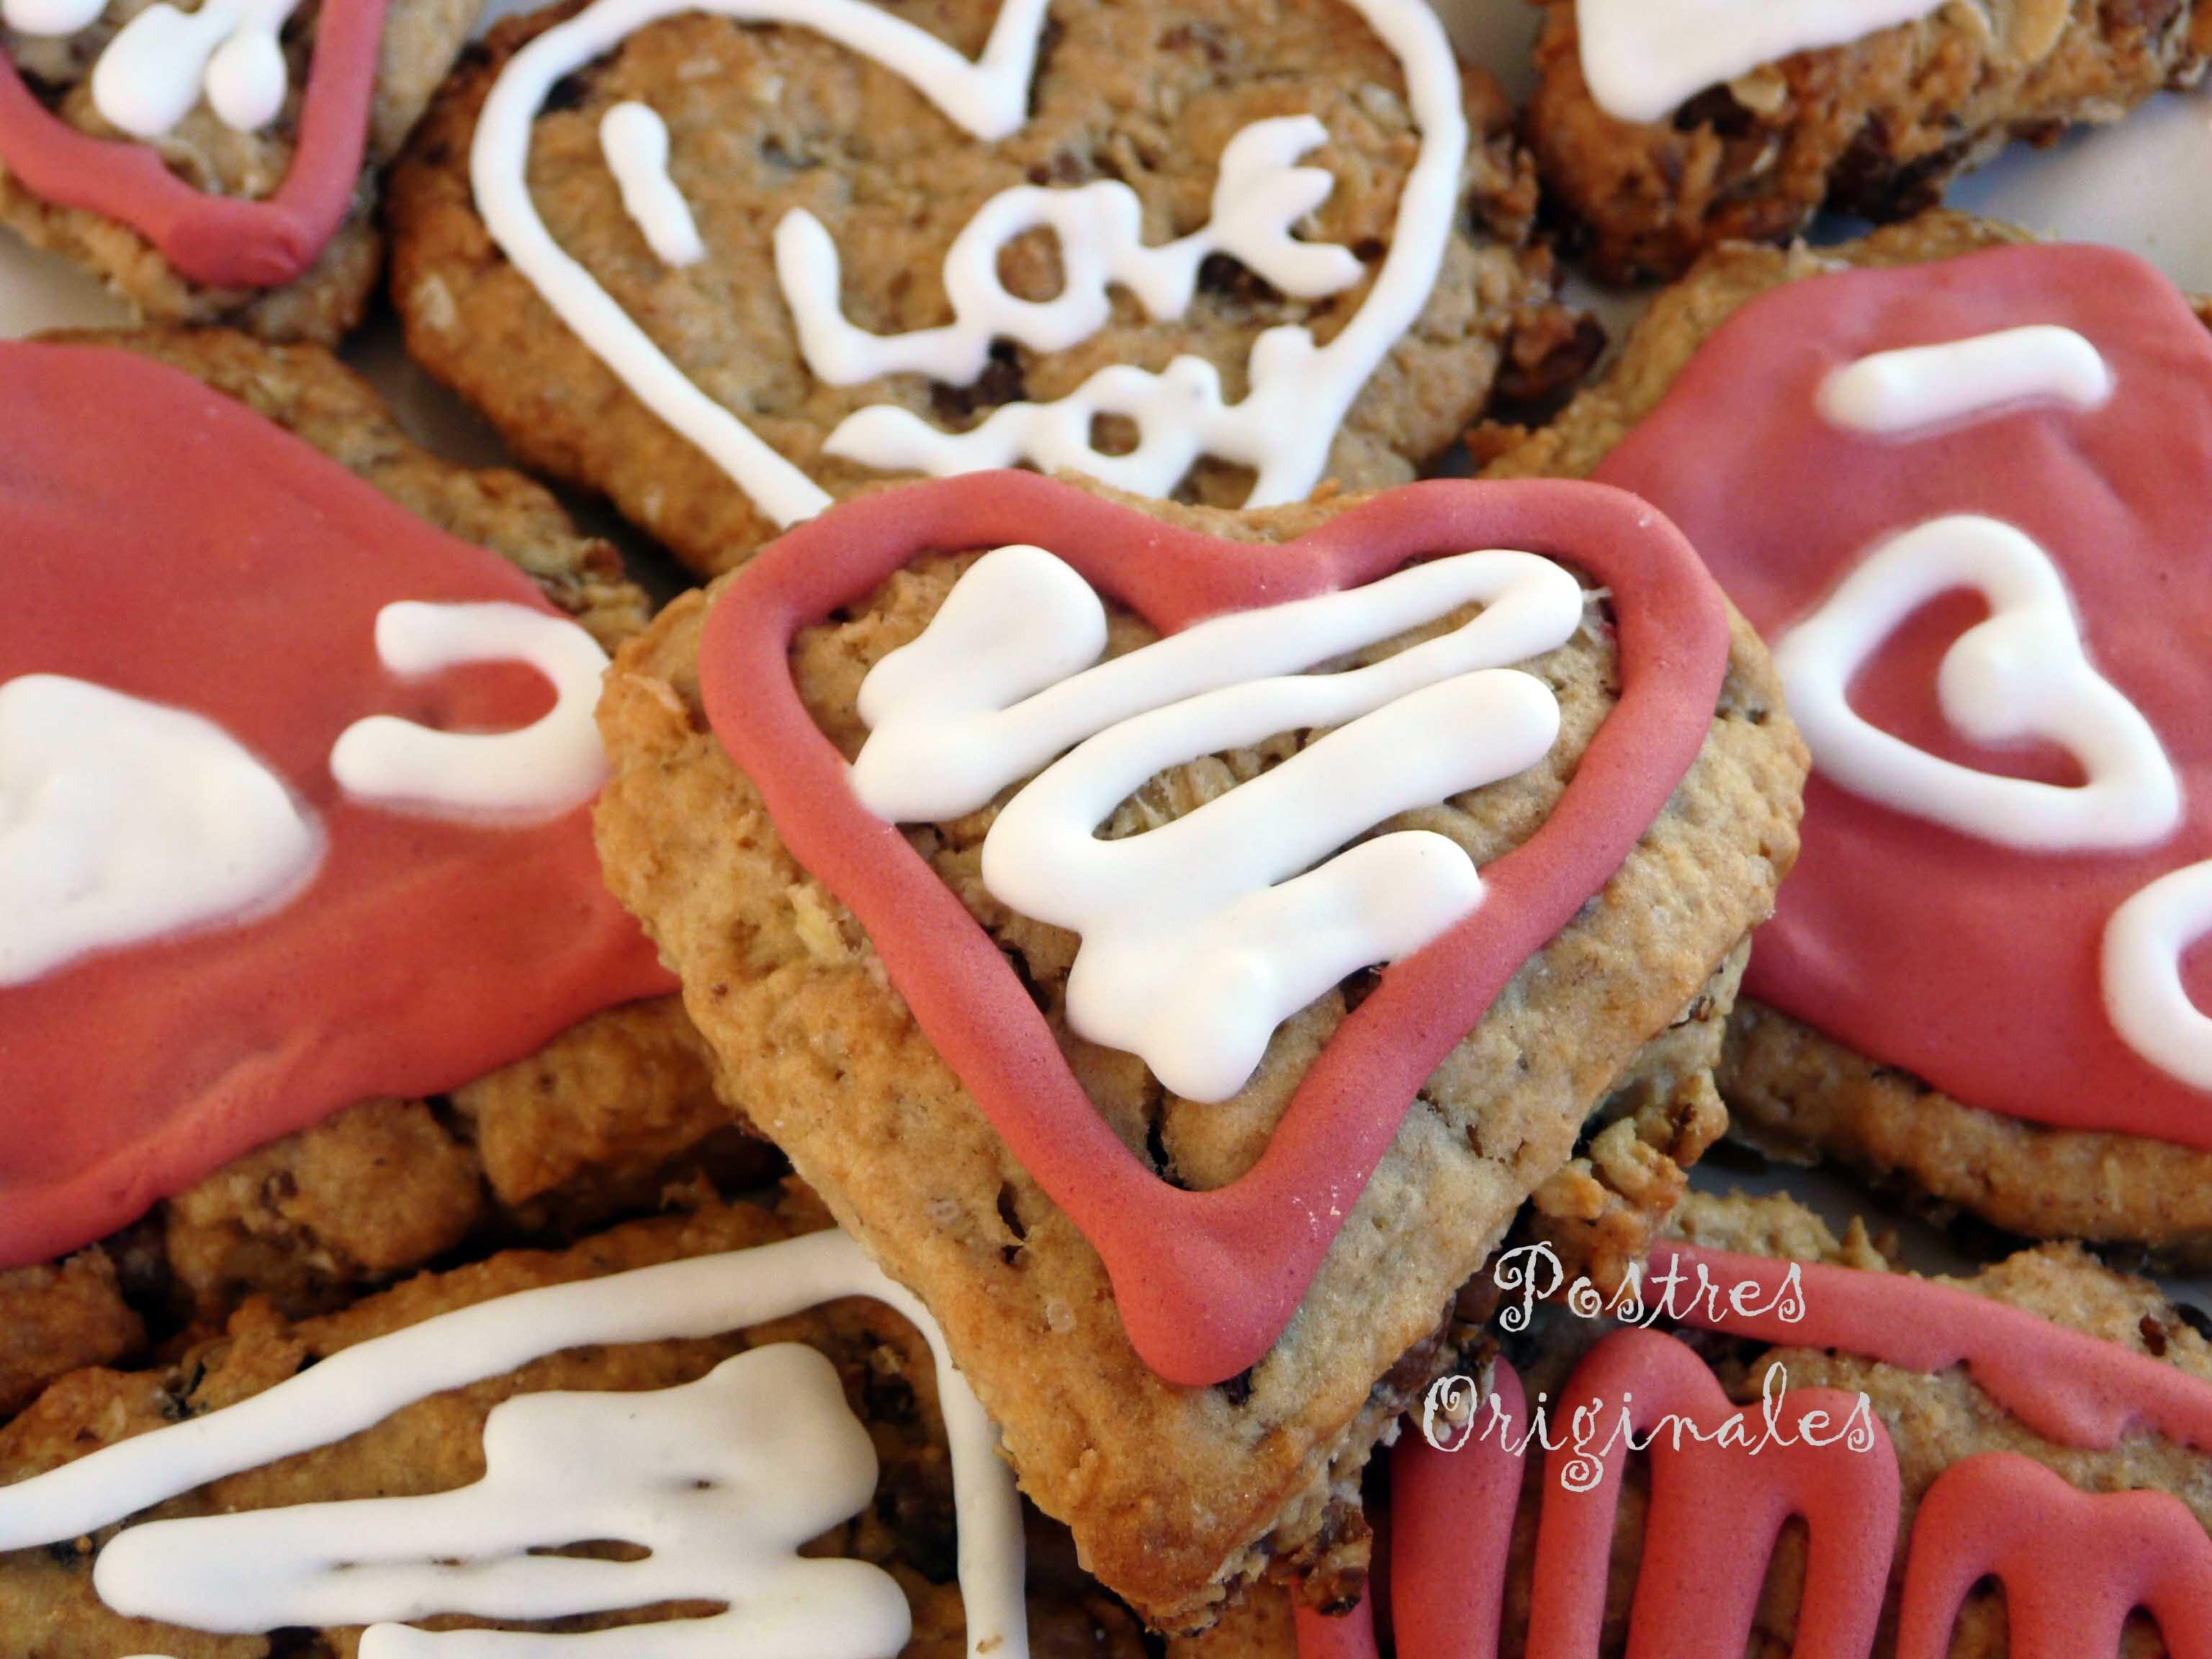 Galletas de Muesli para San Valentín